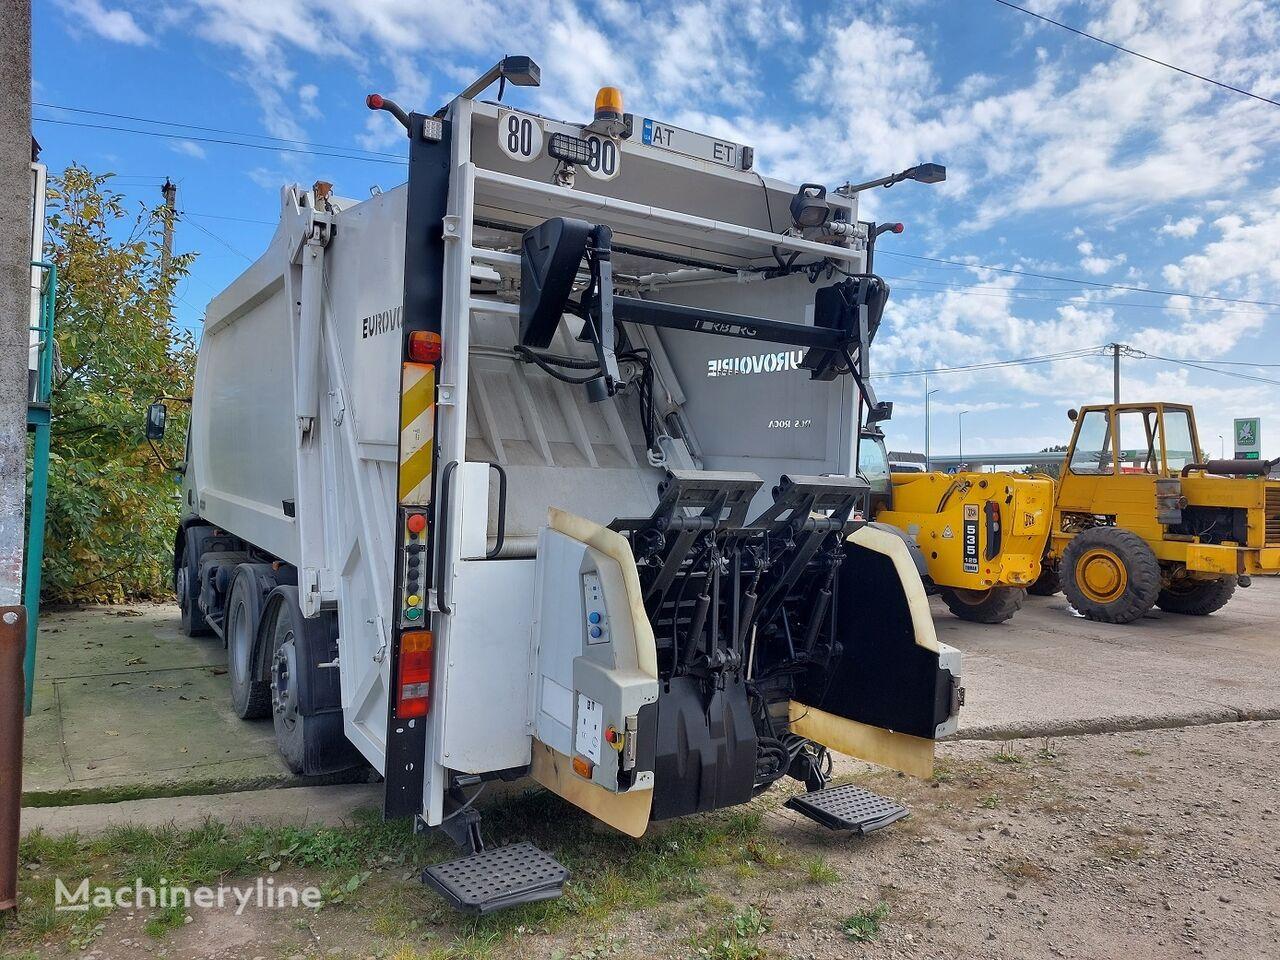 camion poubelle RENAULT Premium 320 Cross RL 22 m3 Svizhiy – V Ukrayini ne pracyuvav